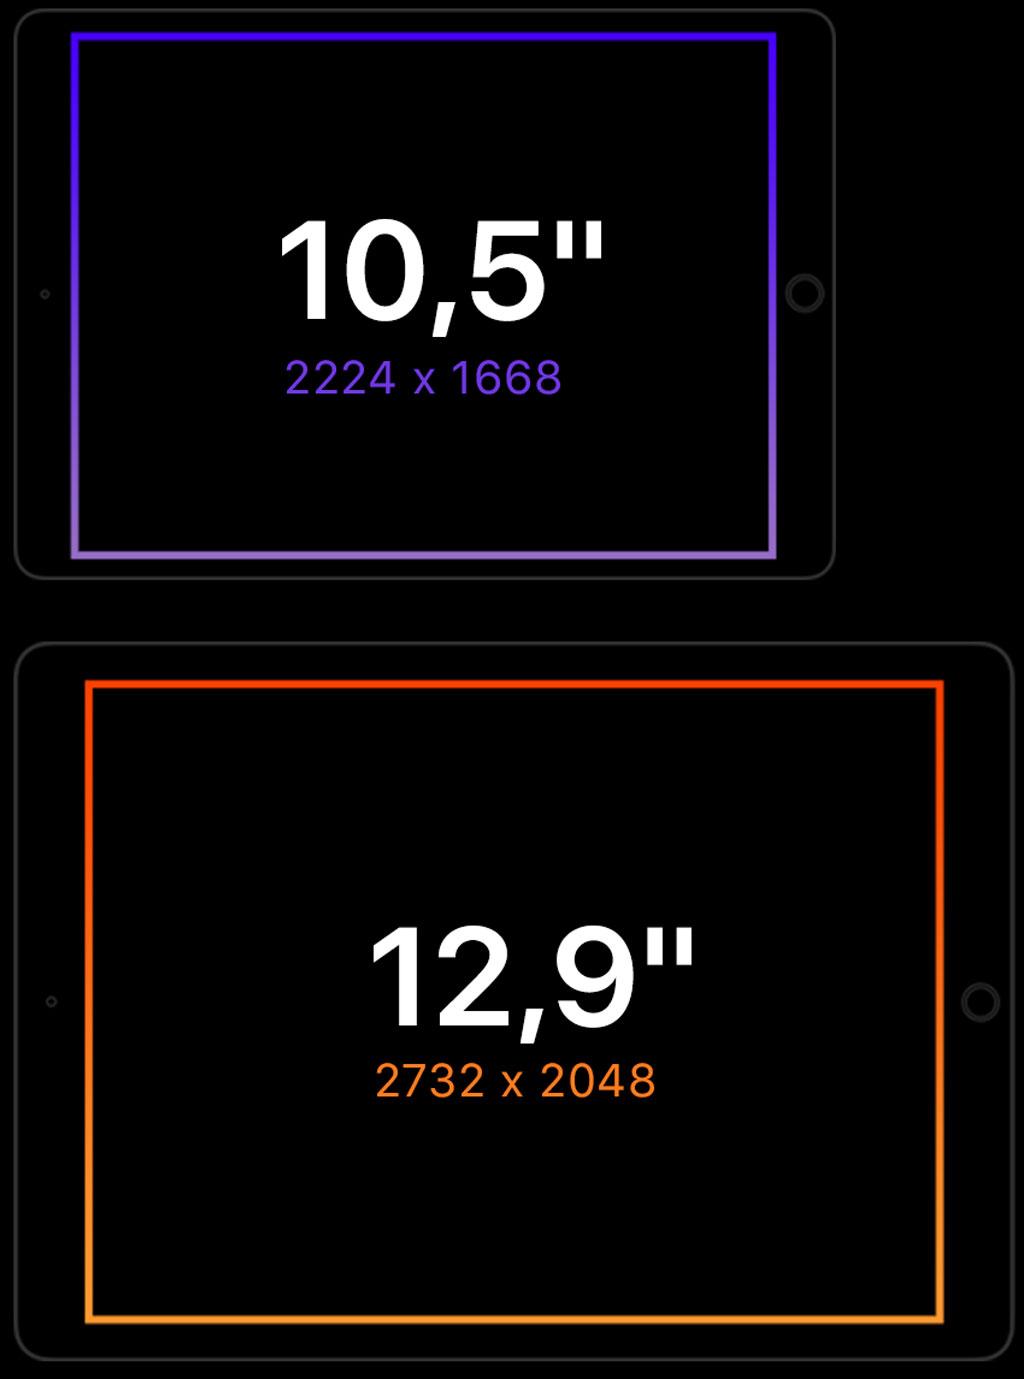 Ein neues 10,5 Zoll Display.